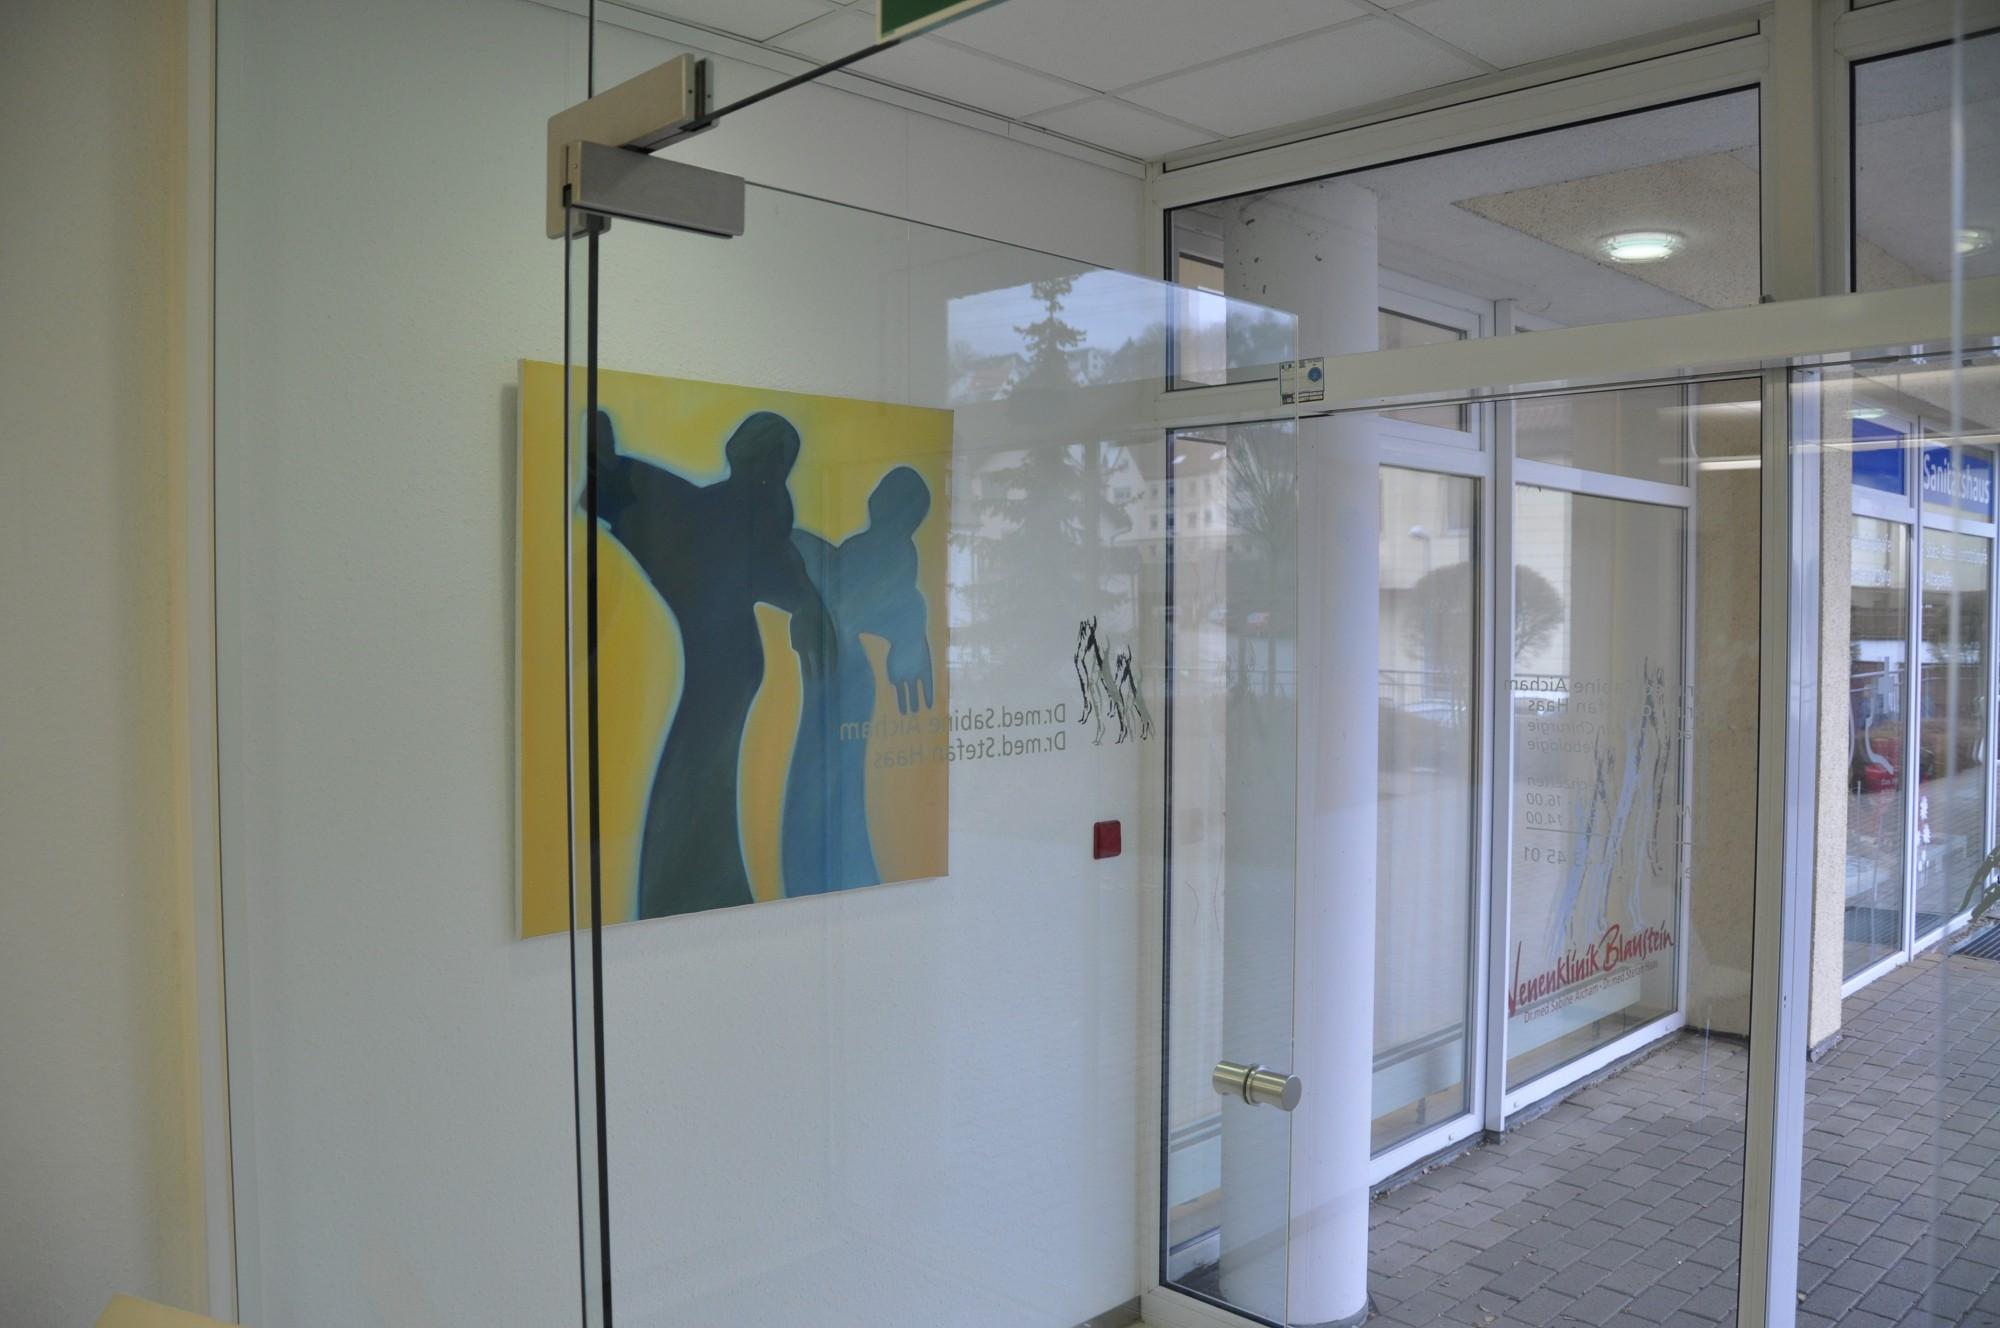 SAPRI-Bild im Eingangsbereich der Venenklinik Blaustein GmbH